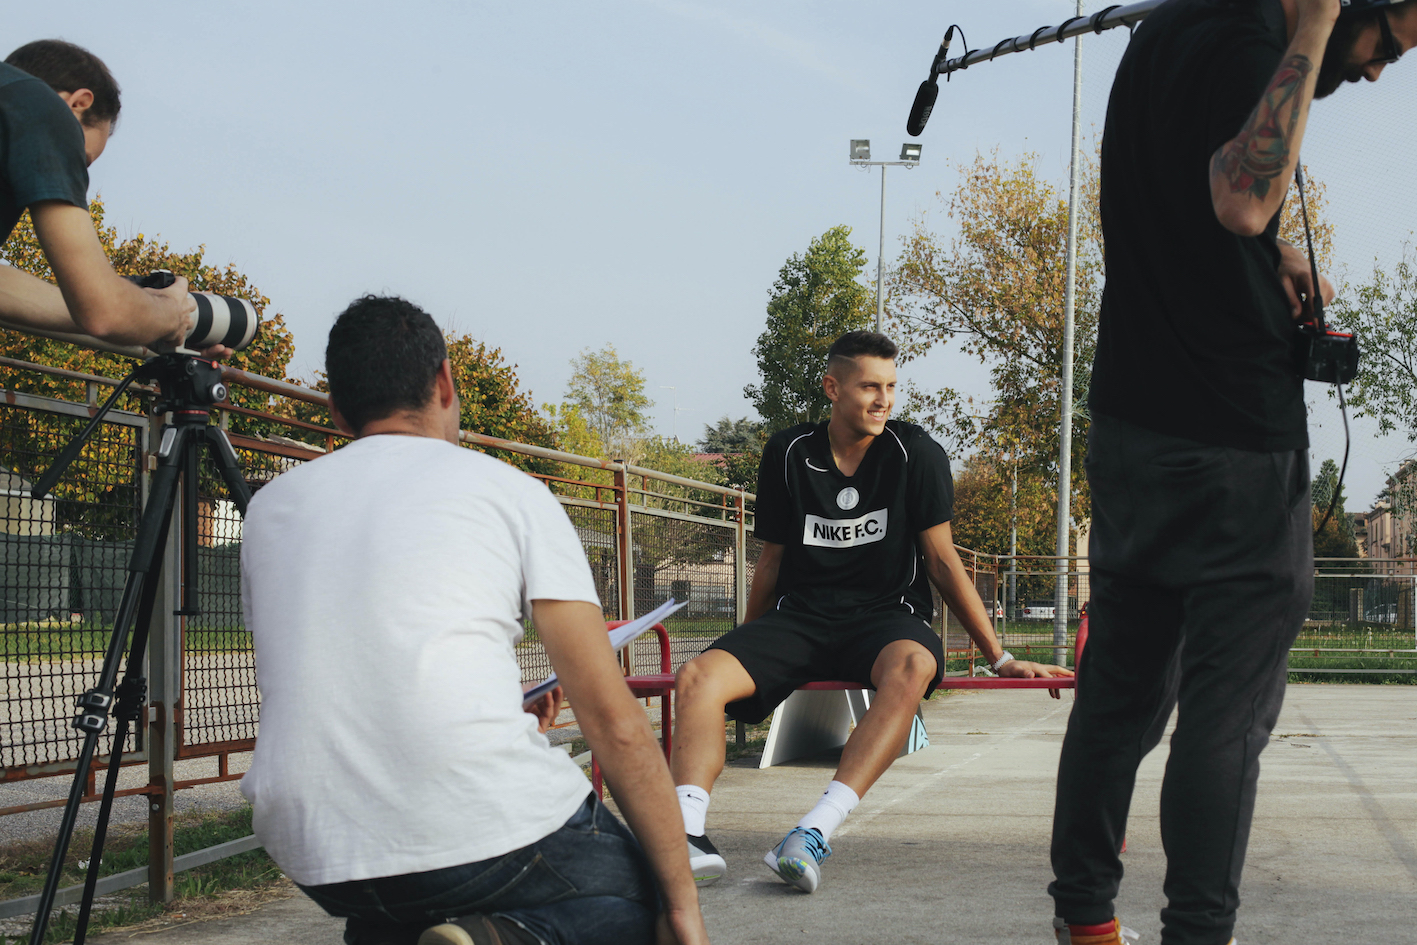 5 campioni di Serie A in una webserie per dire ai giovani che tutti ce la possono fare